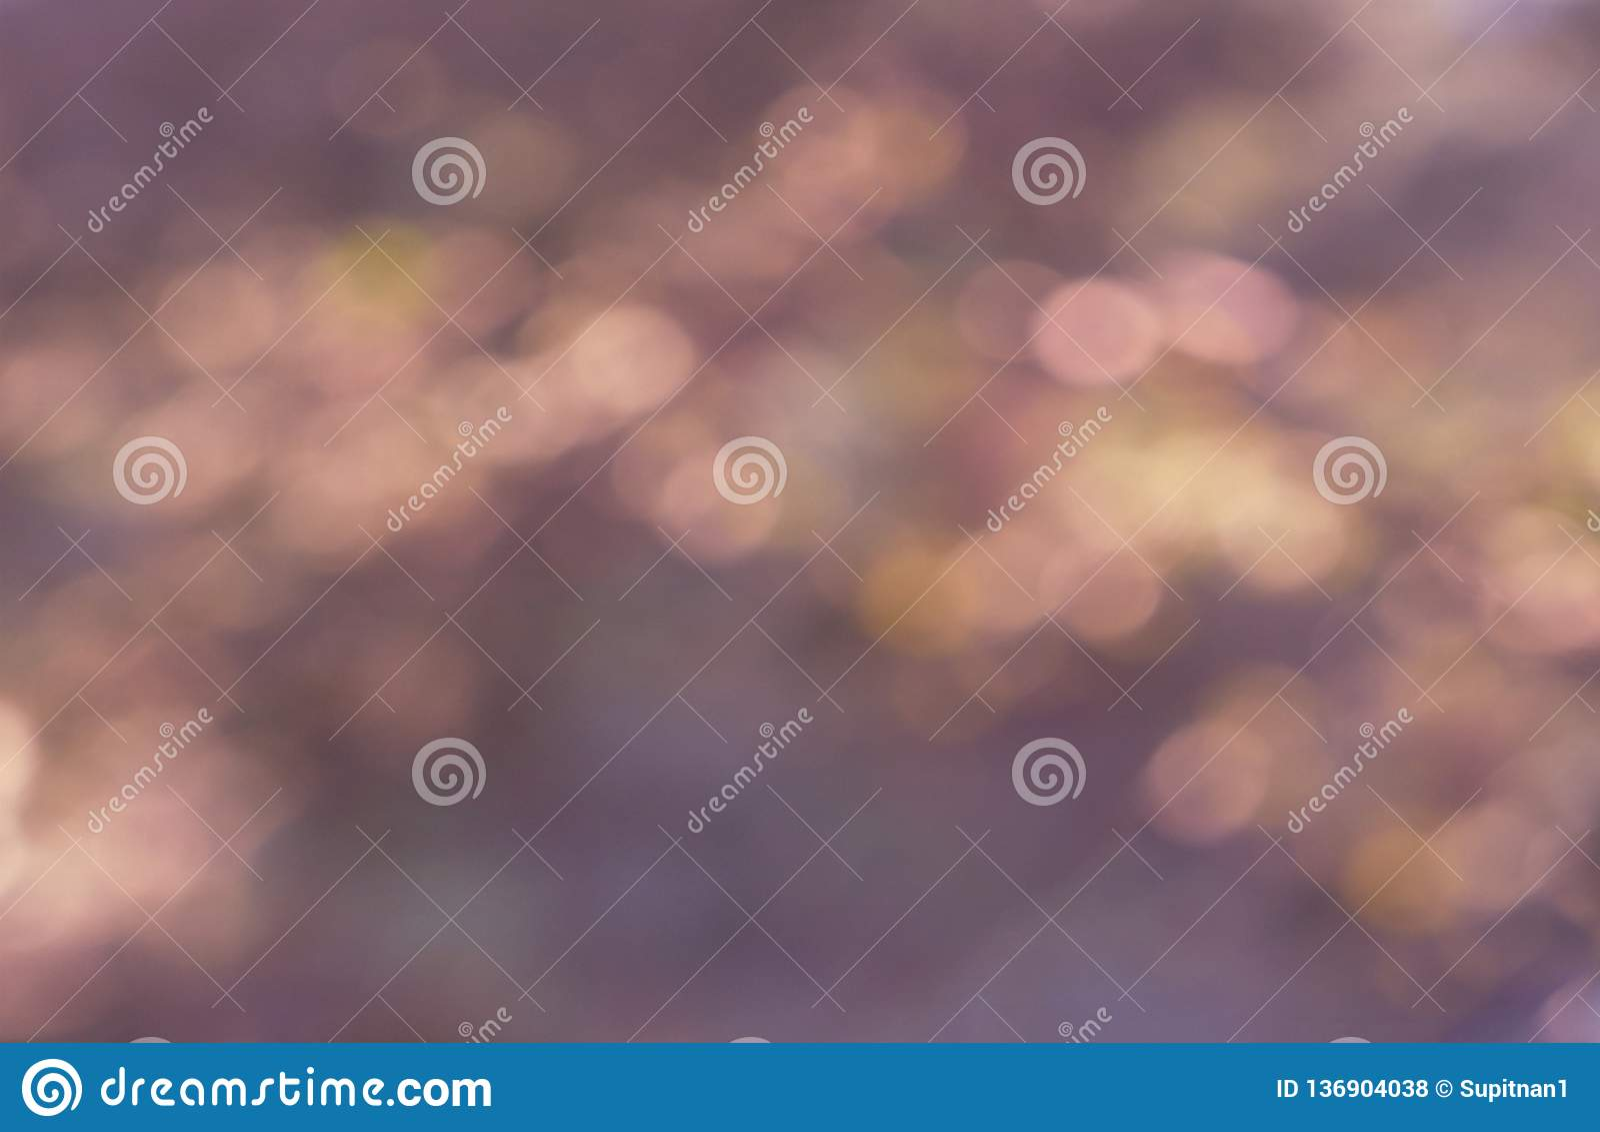 Светлое Bokeh абстрактное - розовая текстура фонового изображения ретро на день Valentine's